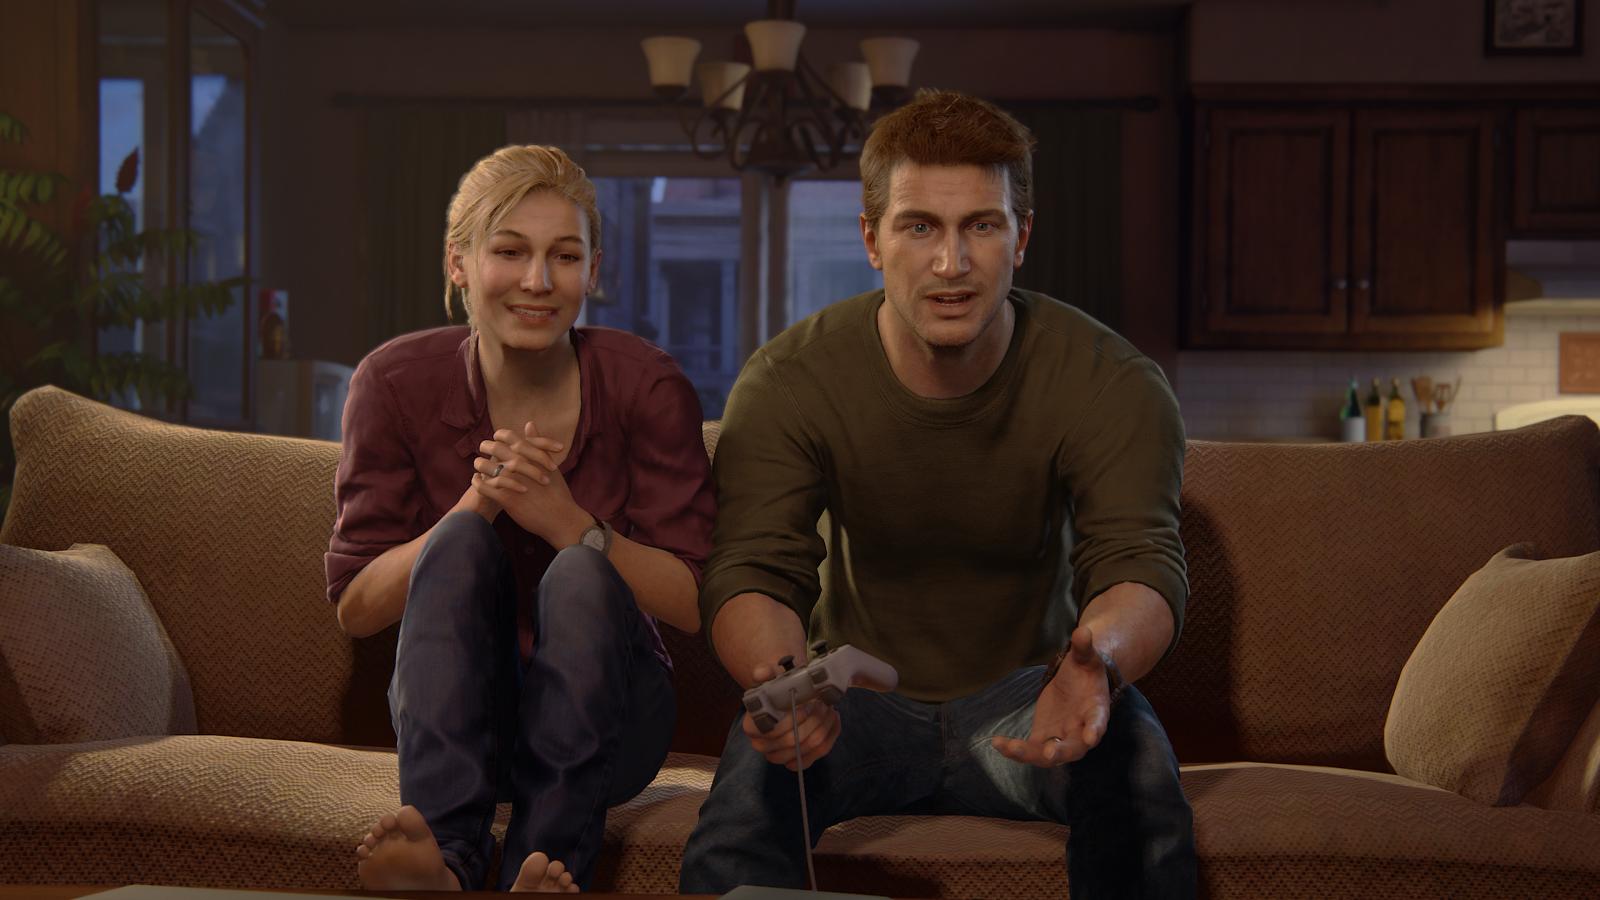 В Naughty Dog расхвалили PlayStation 5, но с переходом на новую консоль решили не спешить